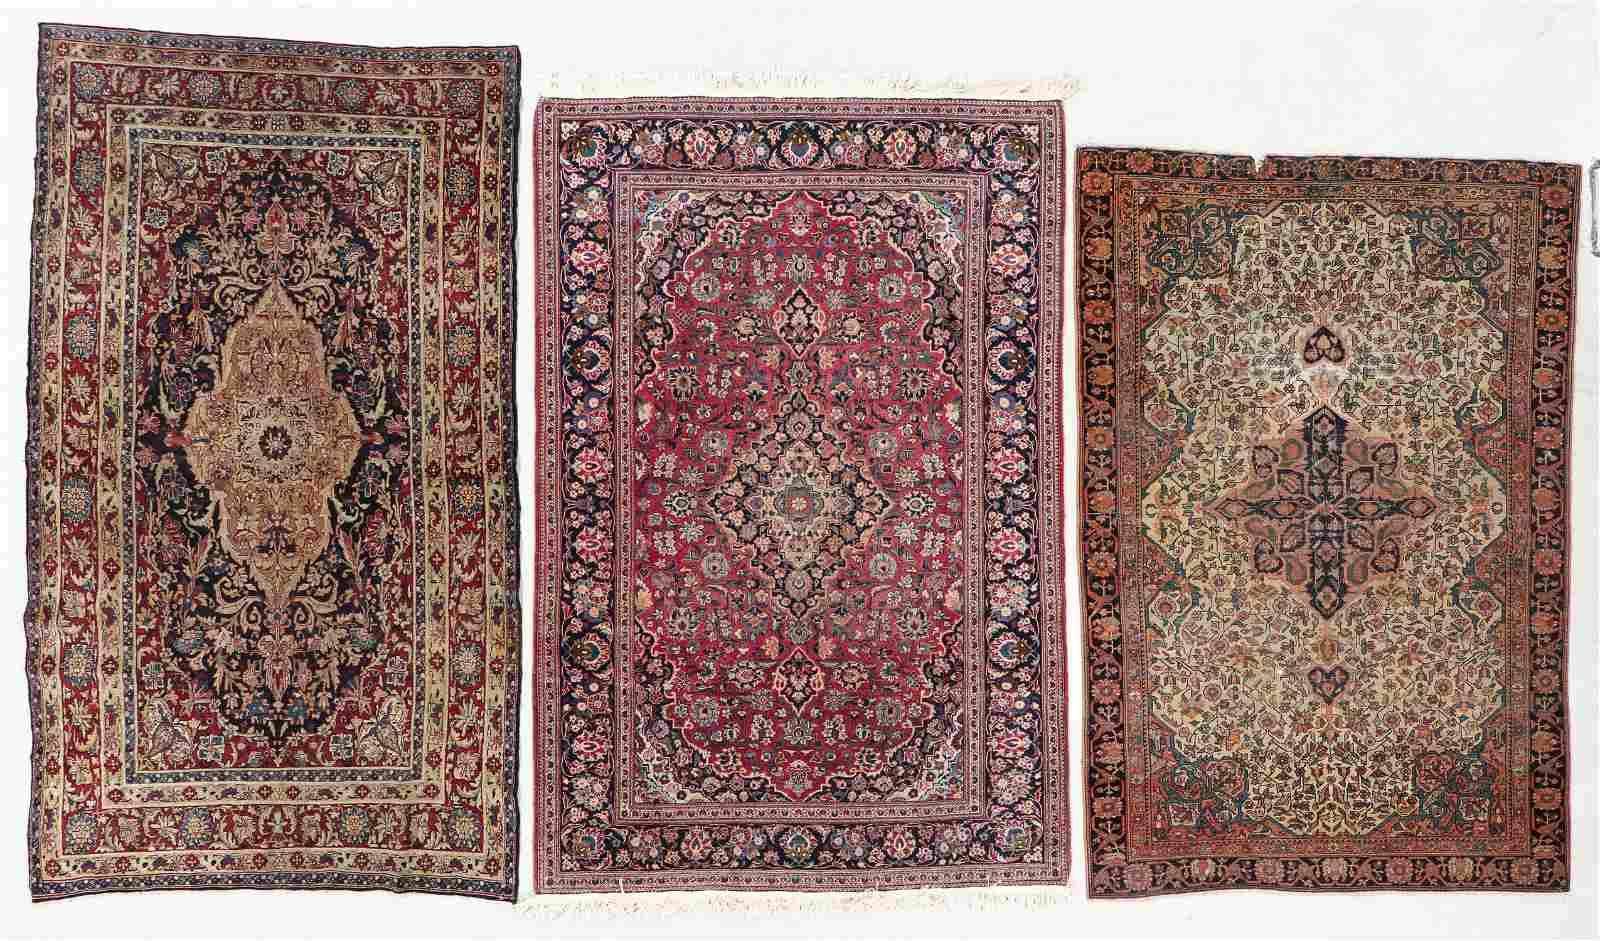 Three Antique Persian Rugs